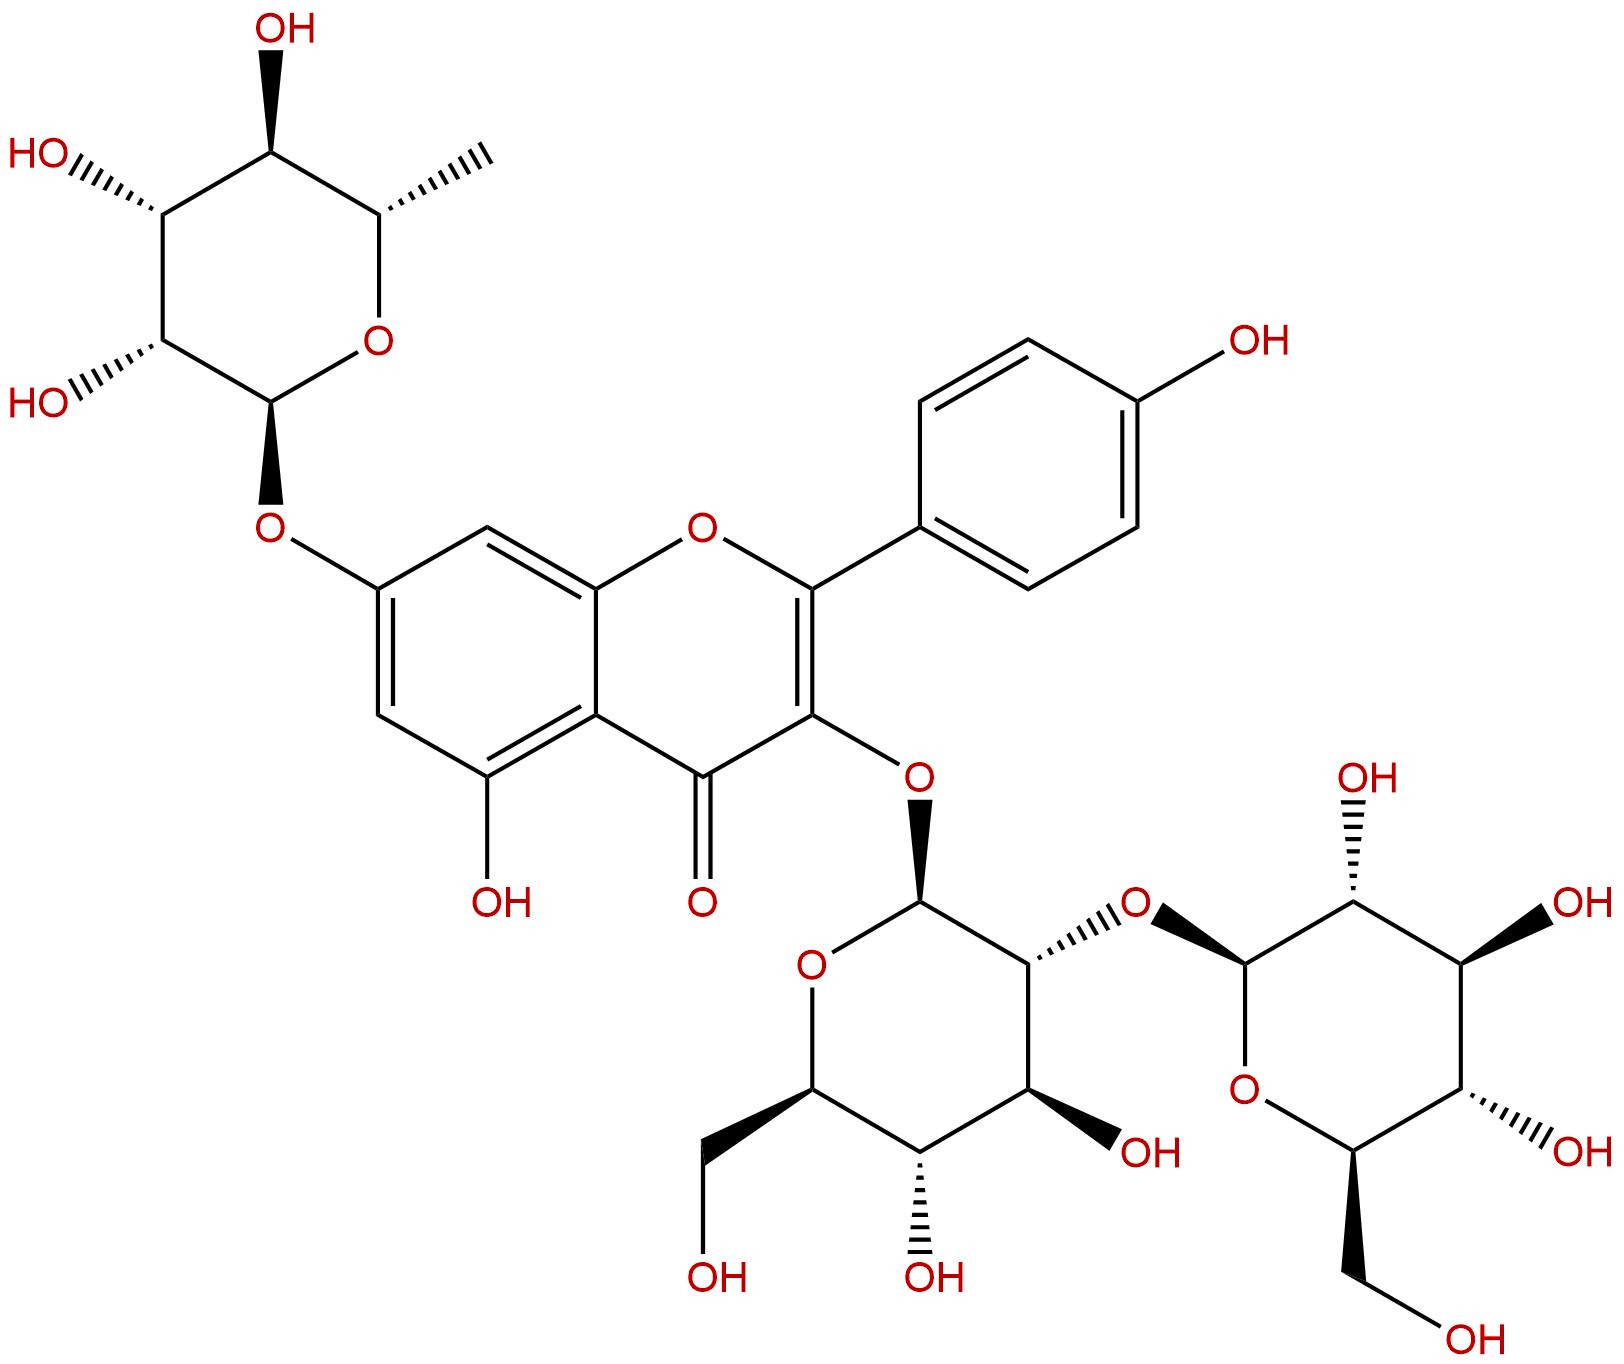 Kaempferol 3-sophoroside-7-rhamnoside